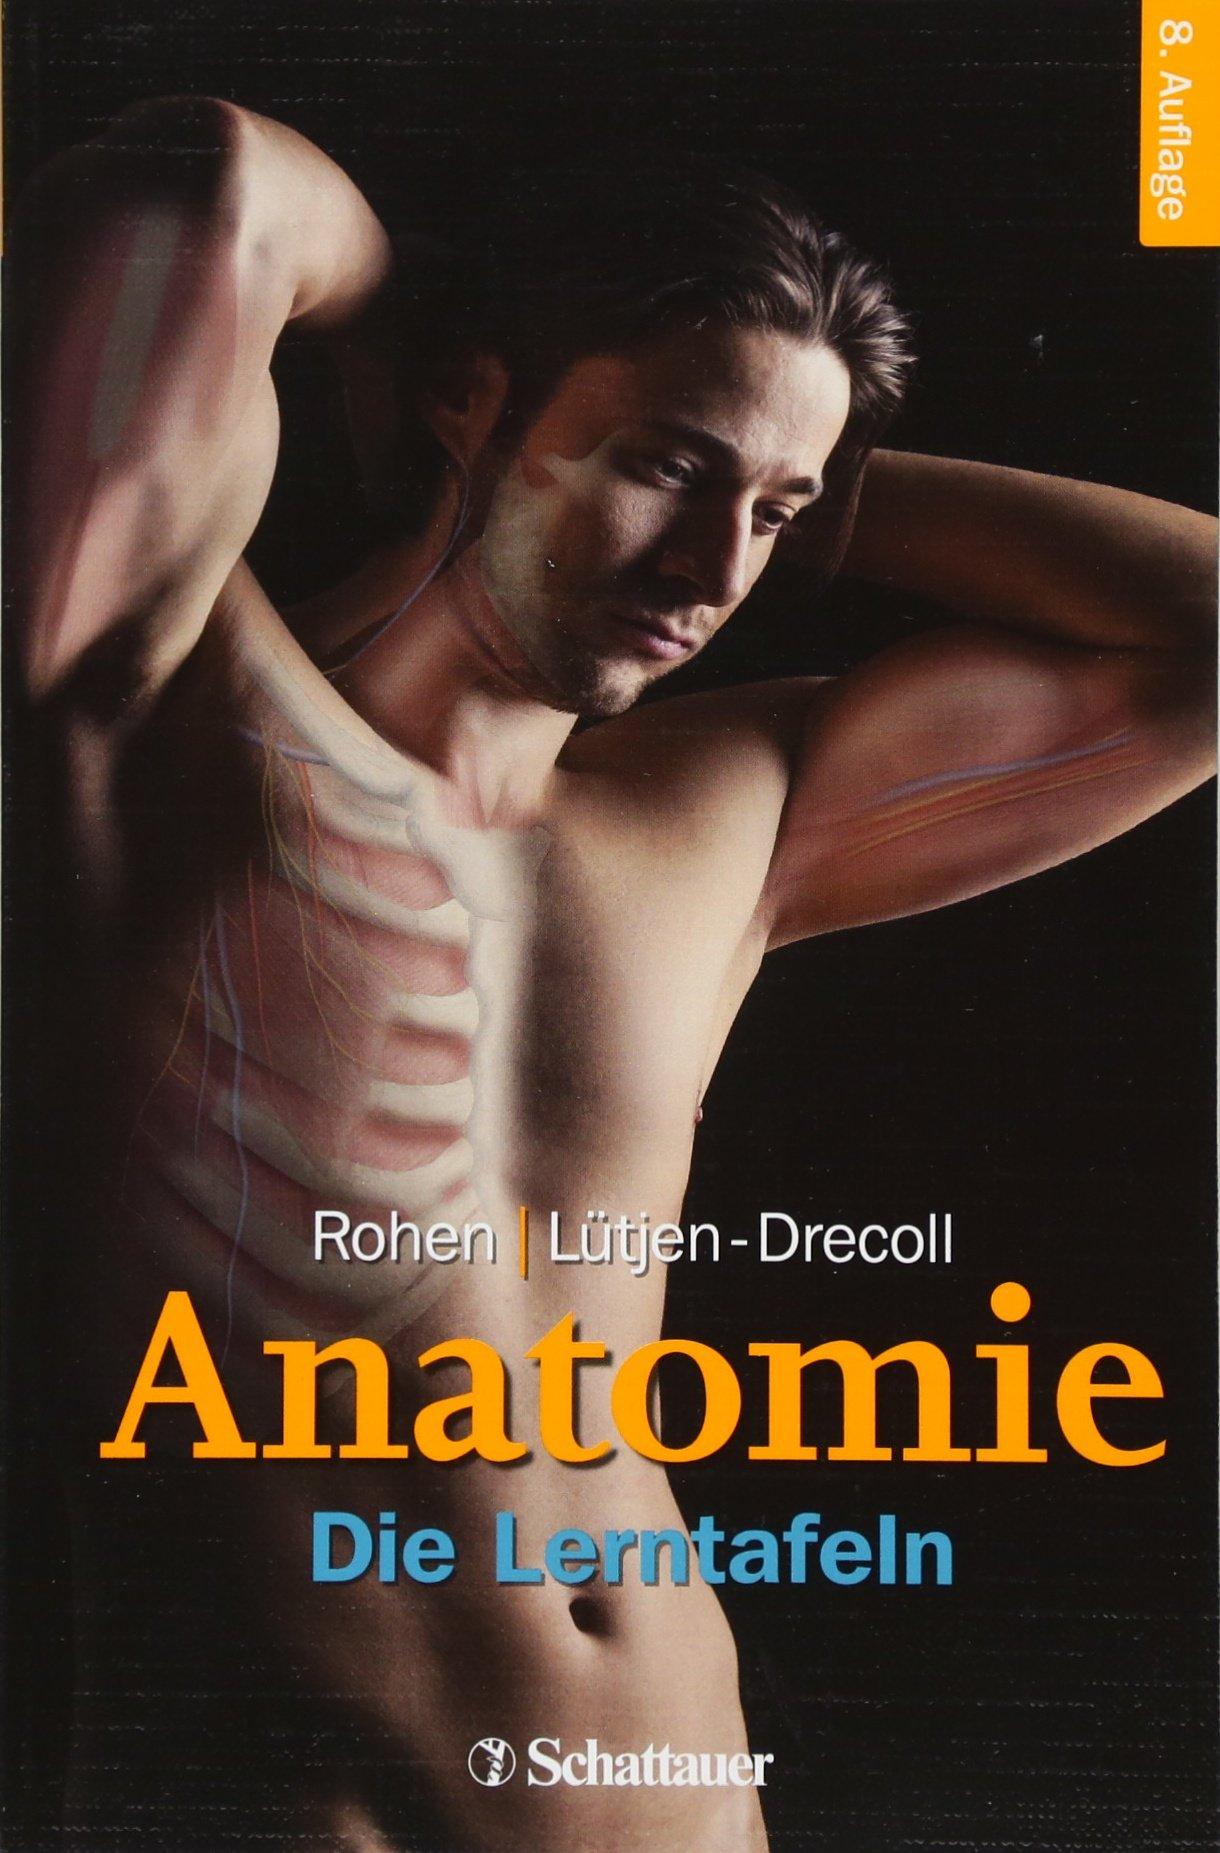 Anatomie: Die Lerntafeln